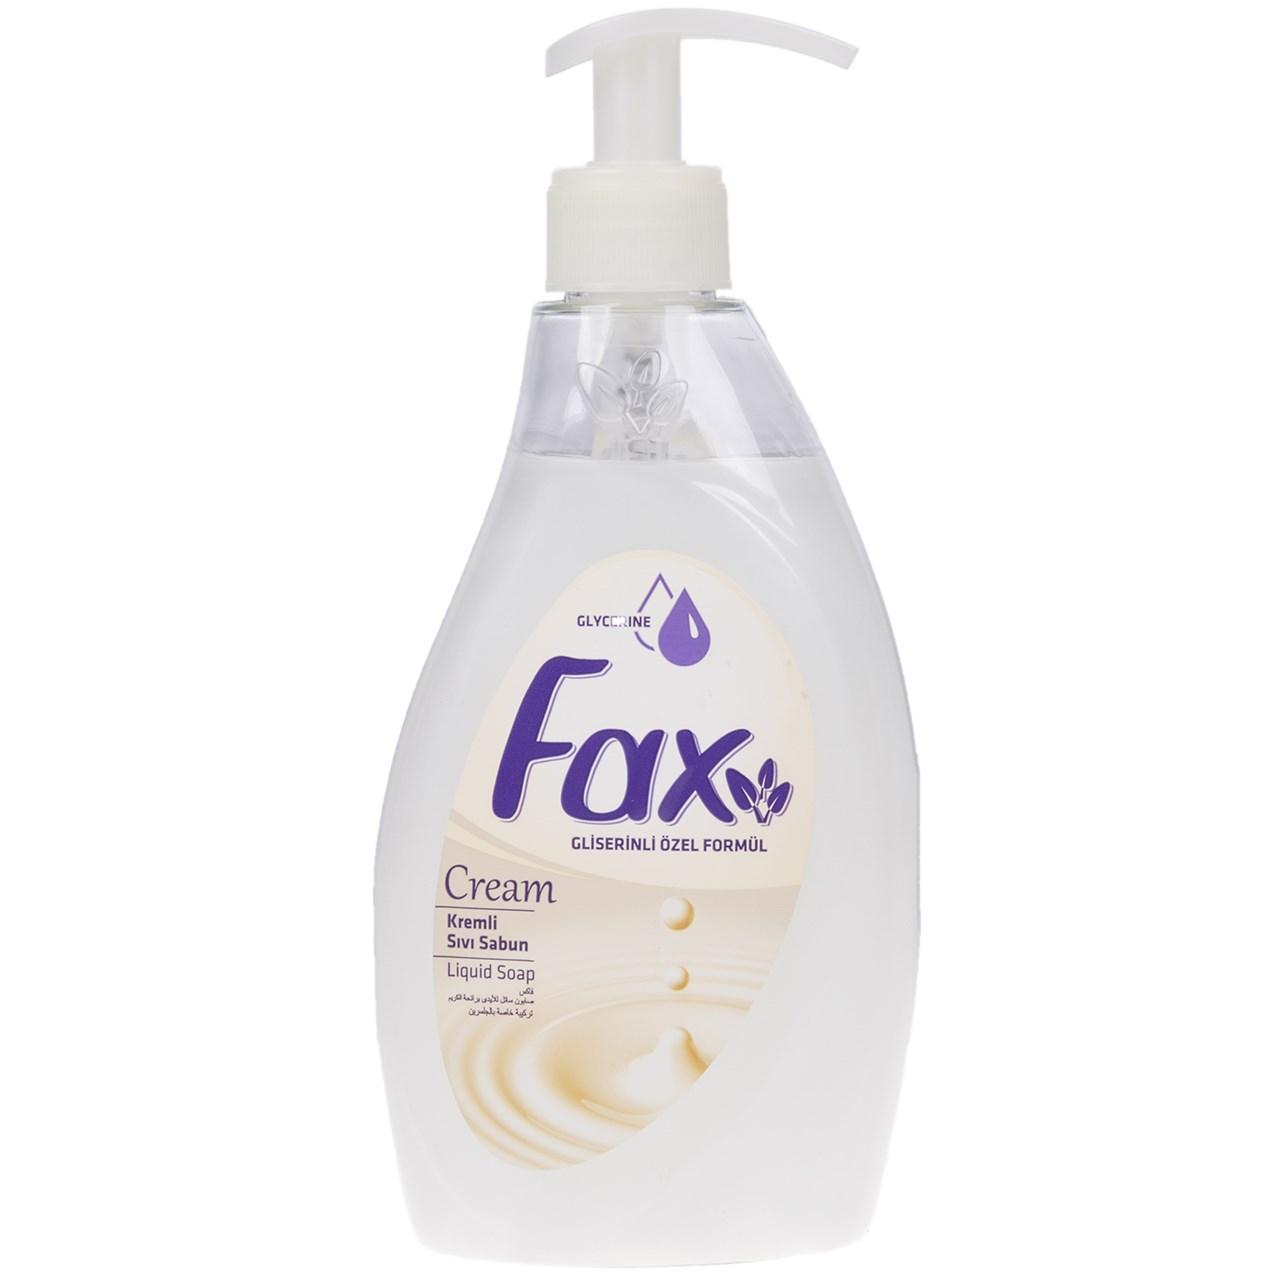 مایع دستشویی گلیسرینه کرمی فکس مدل Cream حجم 400 میلی لیتر